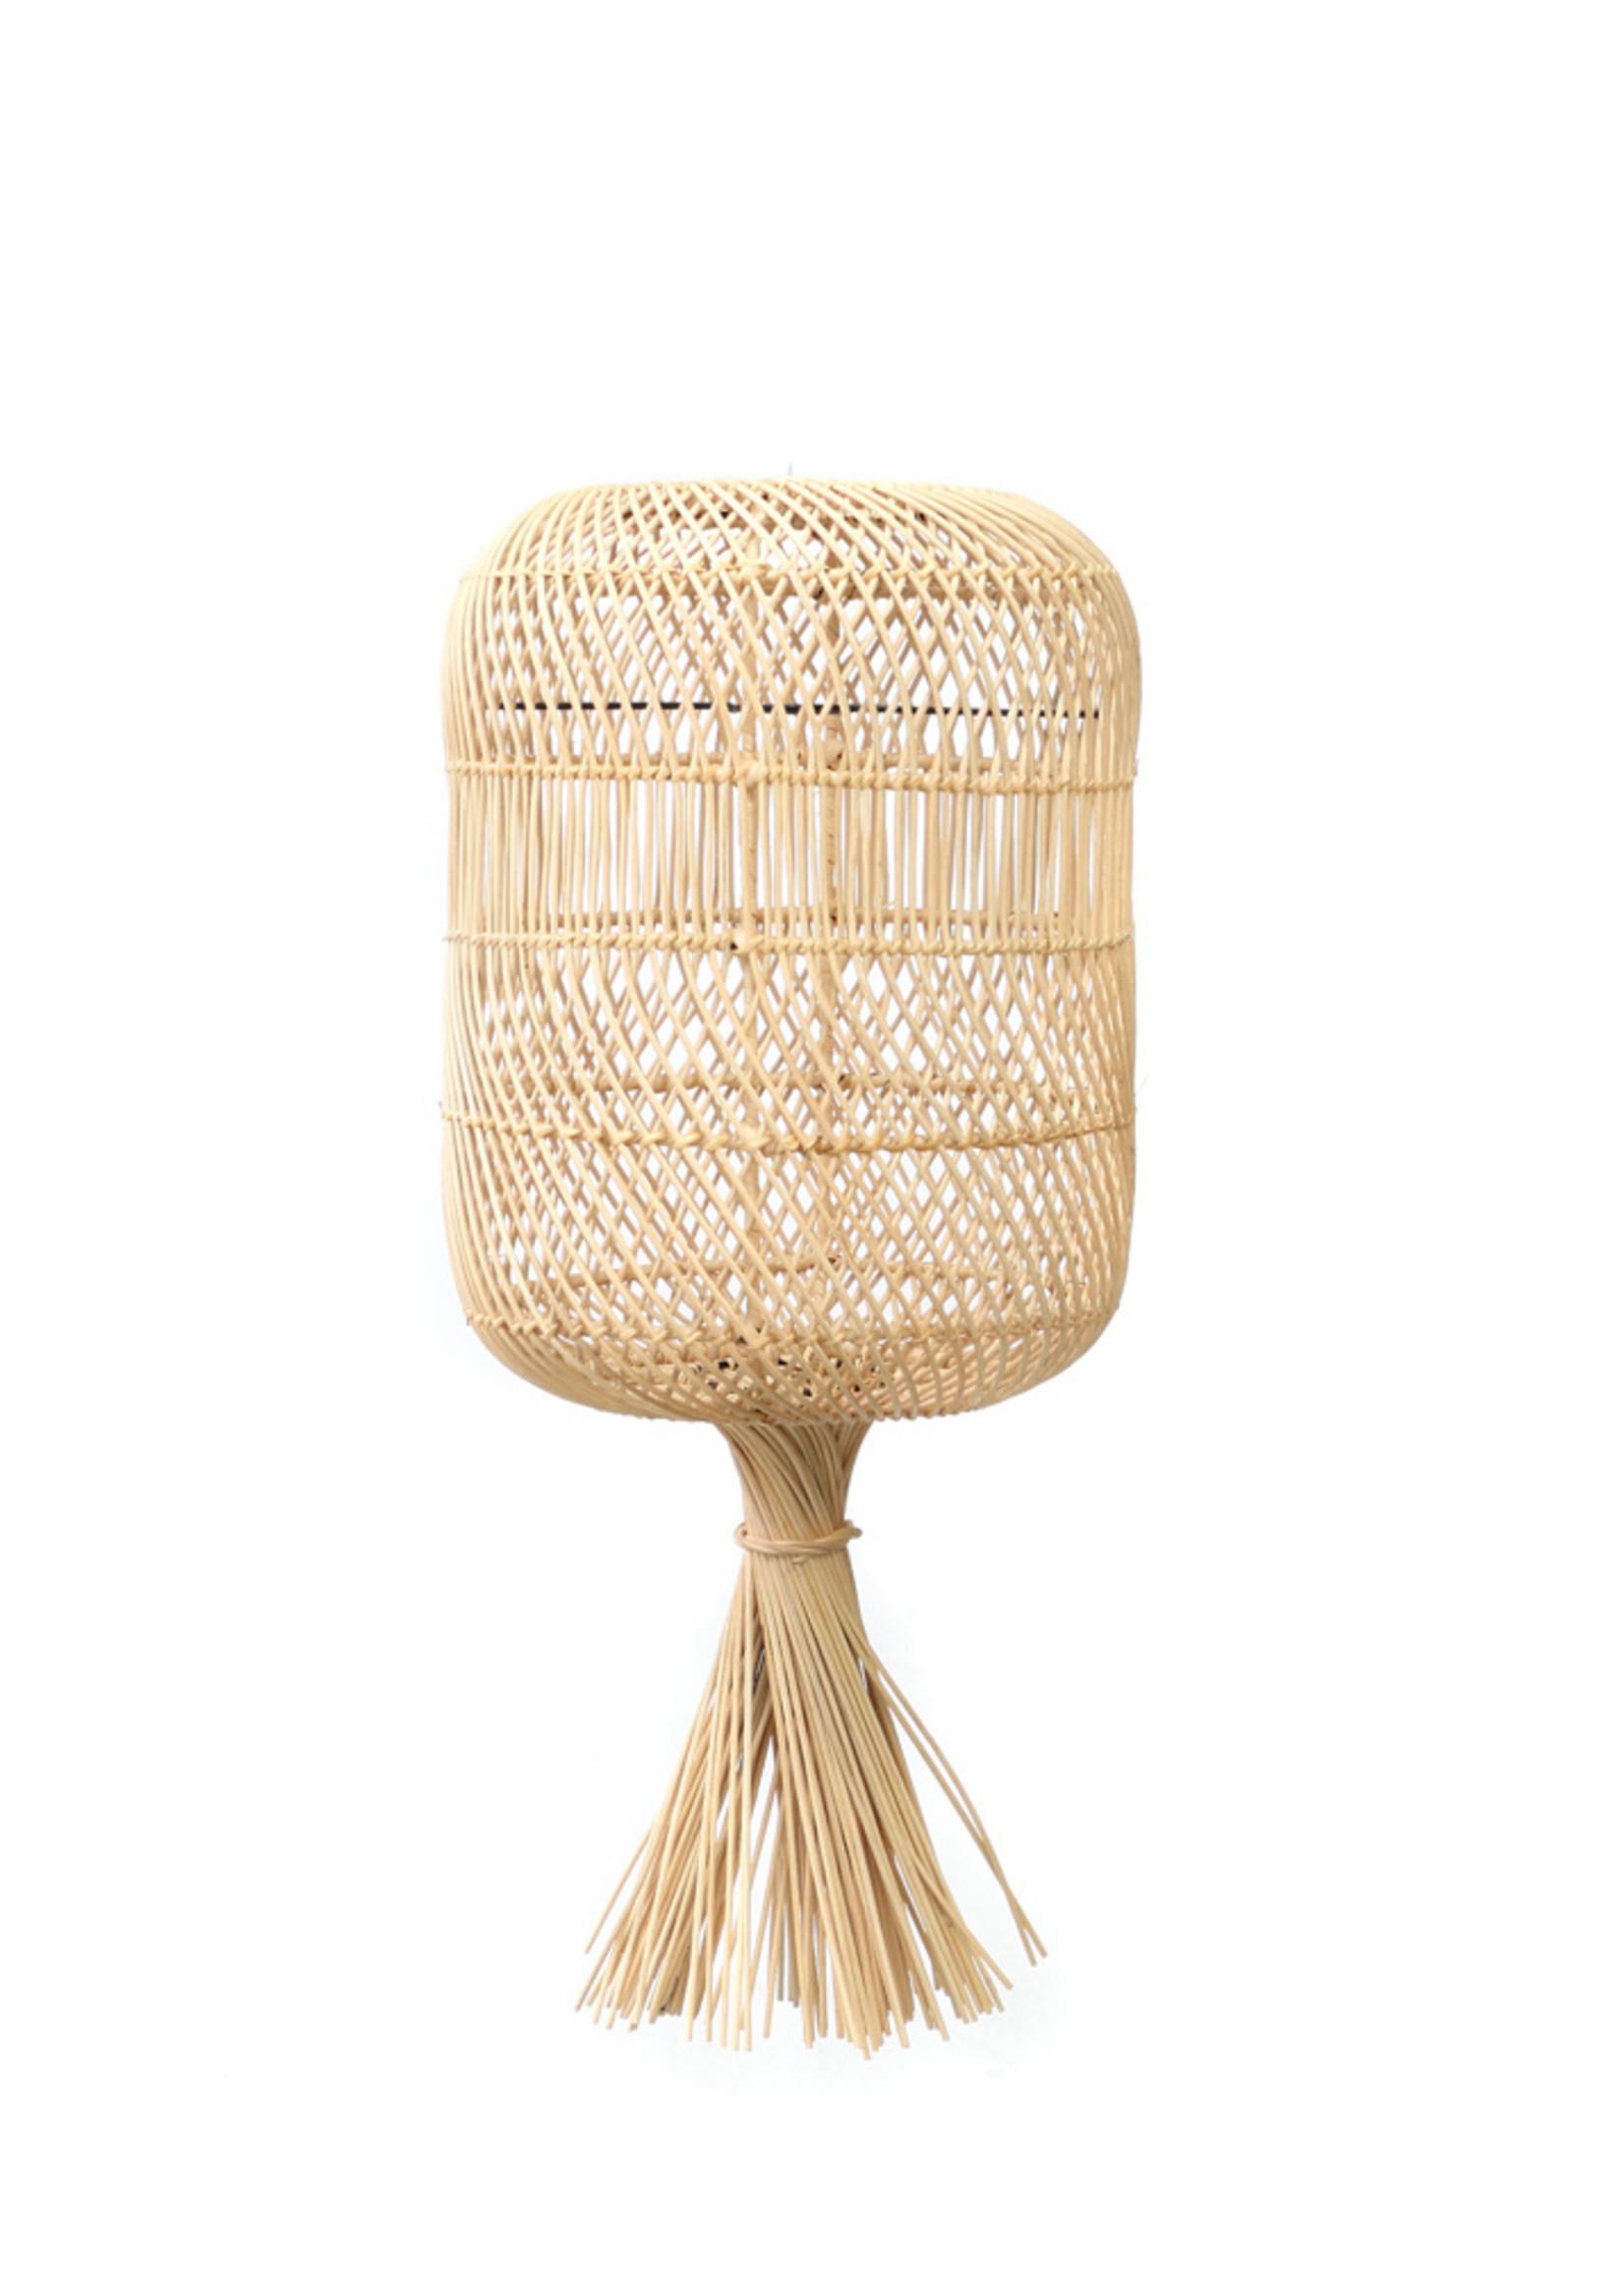 The Rattan Dumpling Floor Lamp - Pendant - Natural